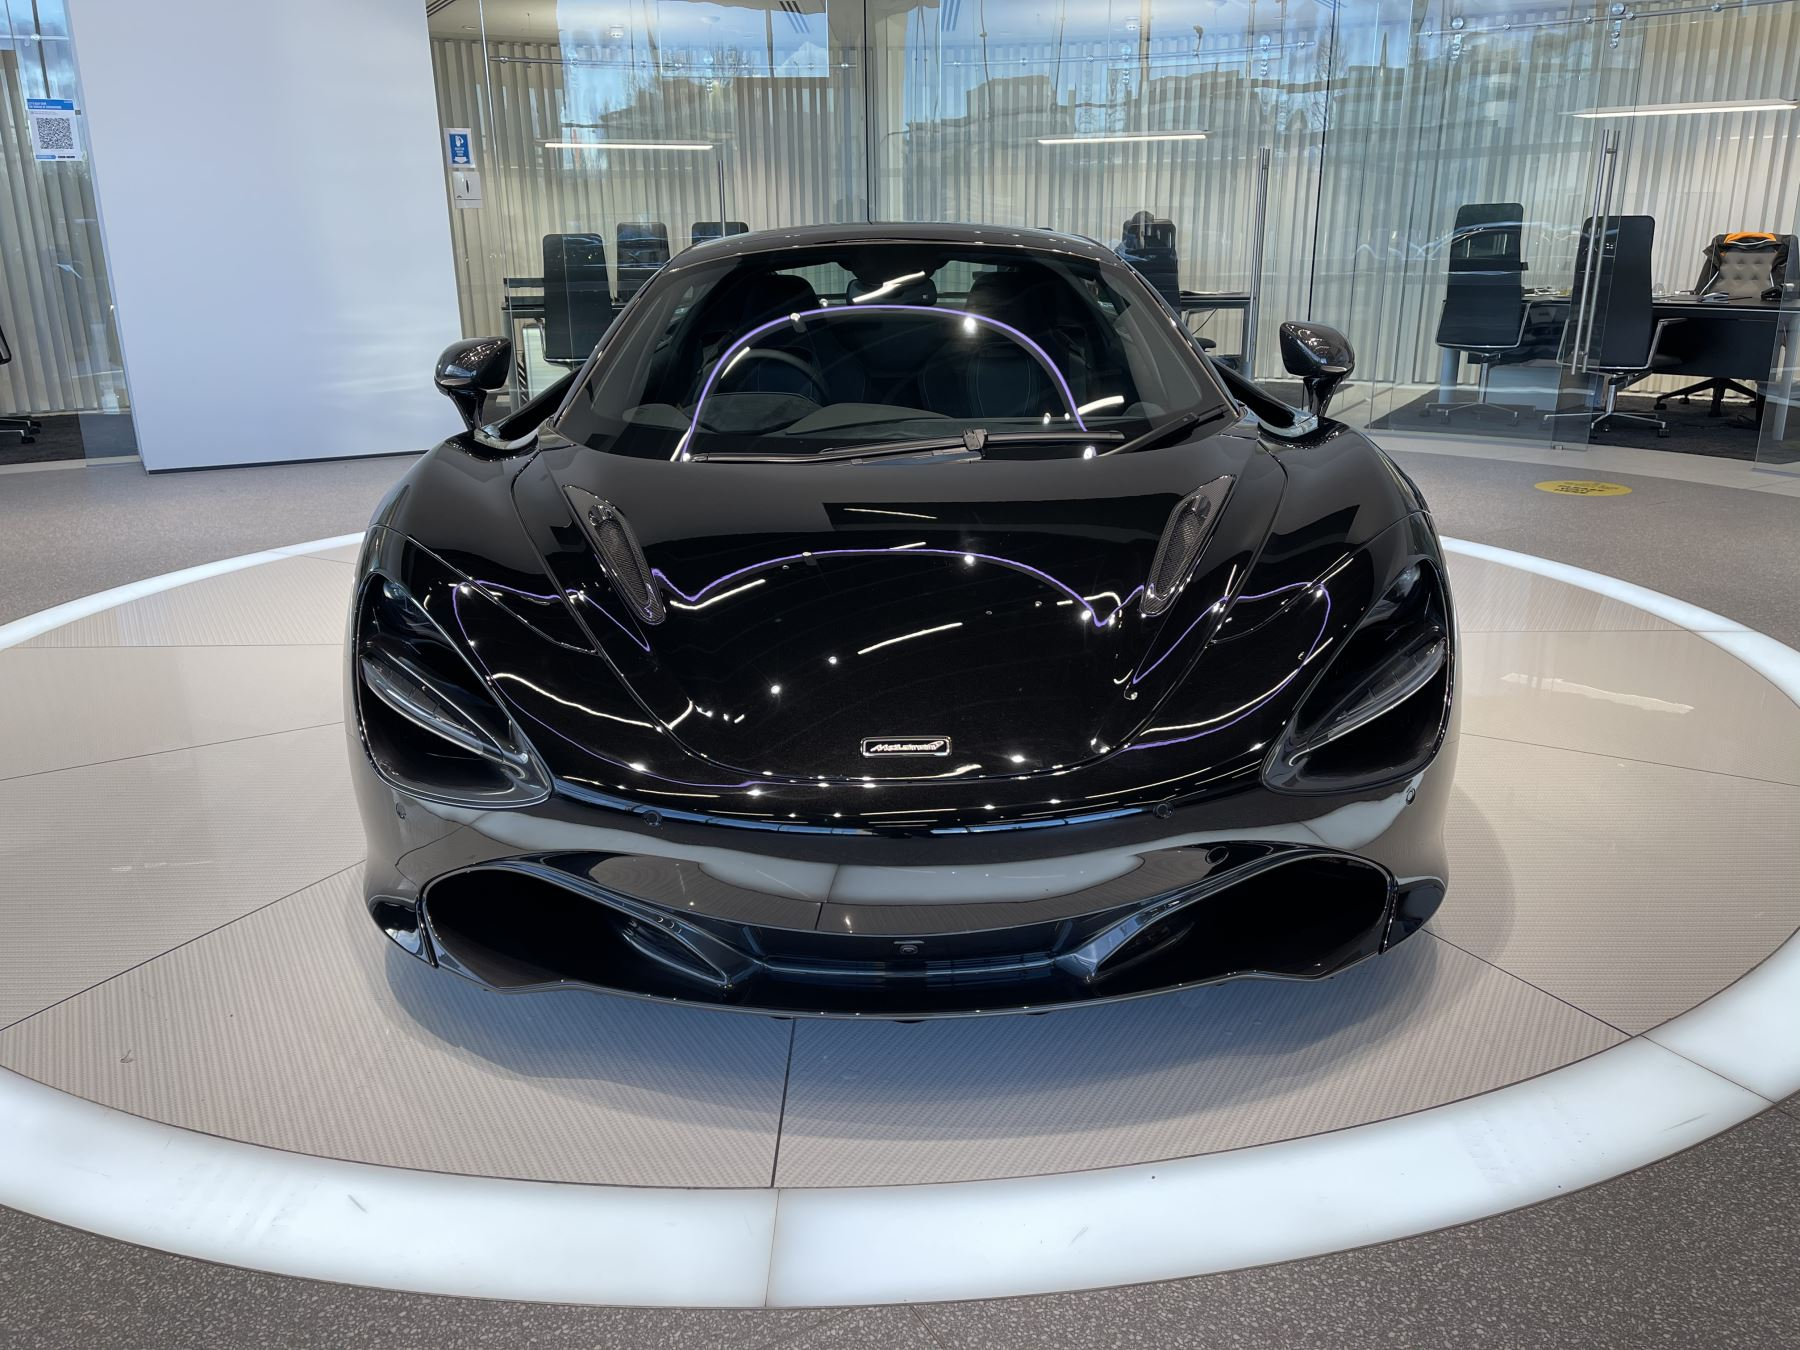 McLaren 720S Spider 4.V8 2 DR PERFORMANCE image 2